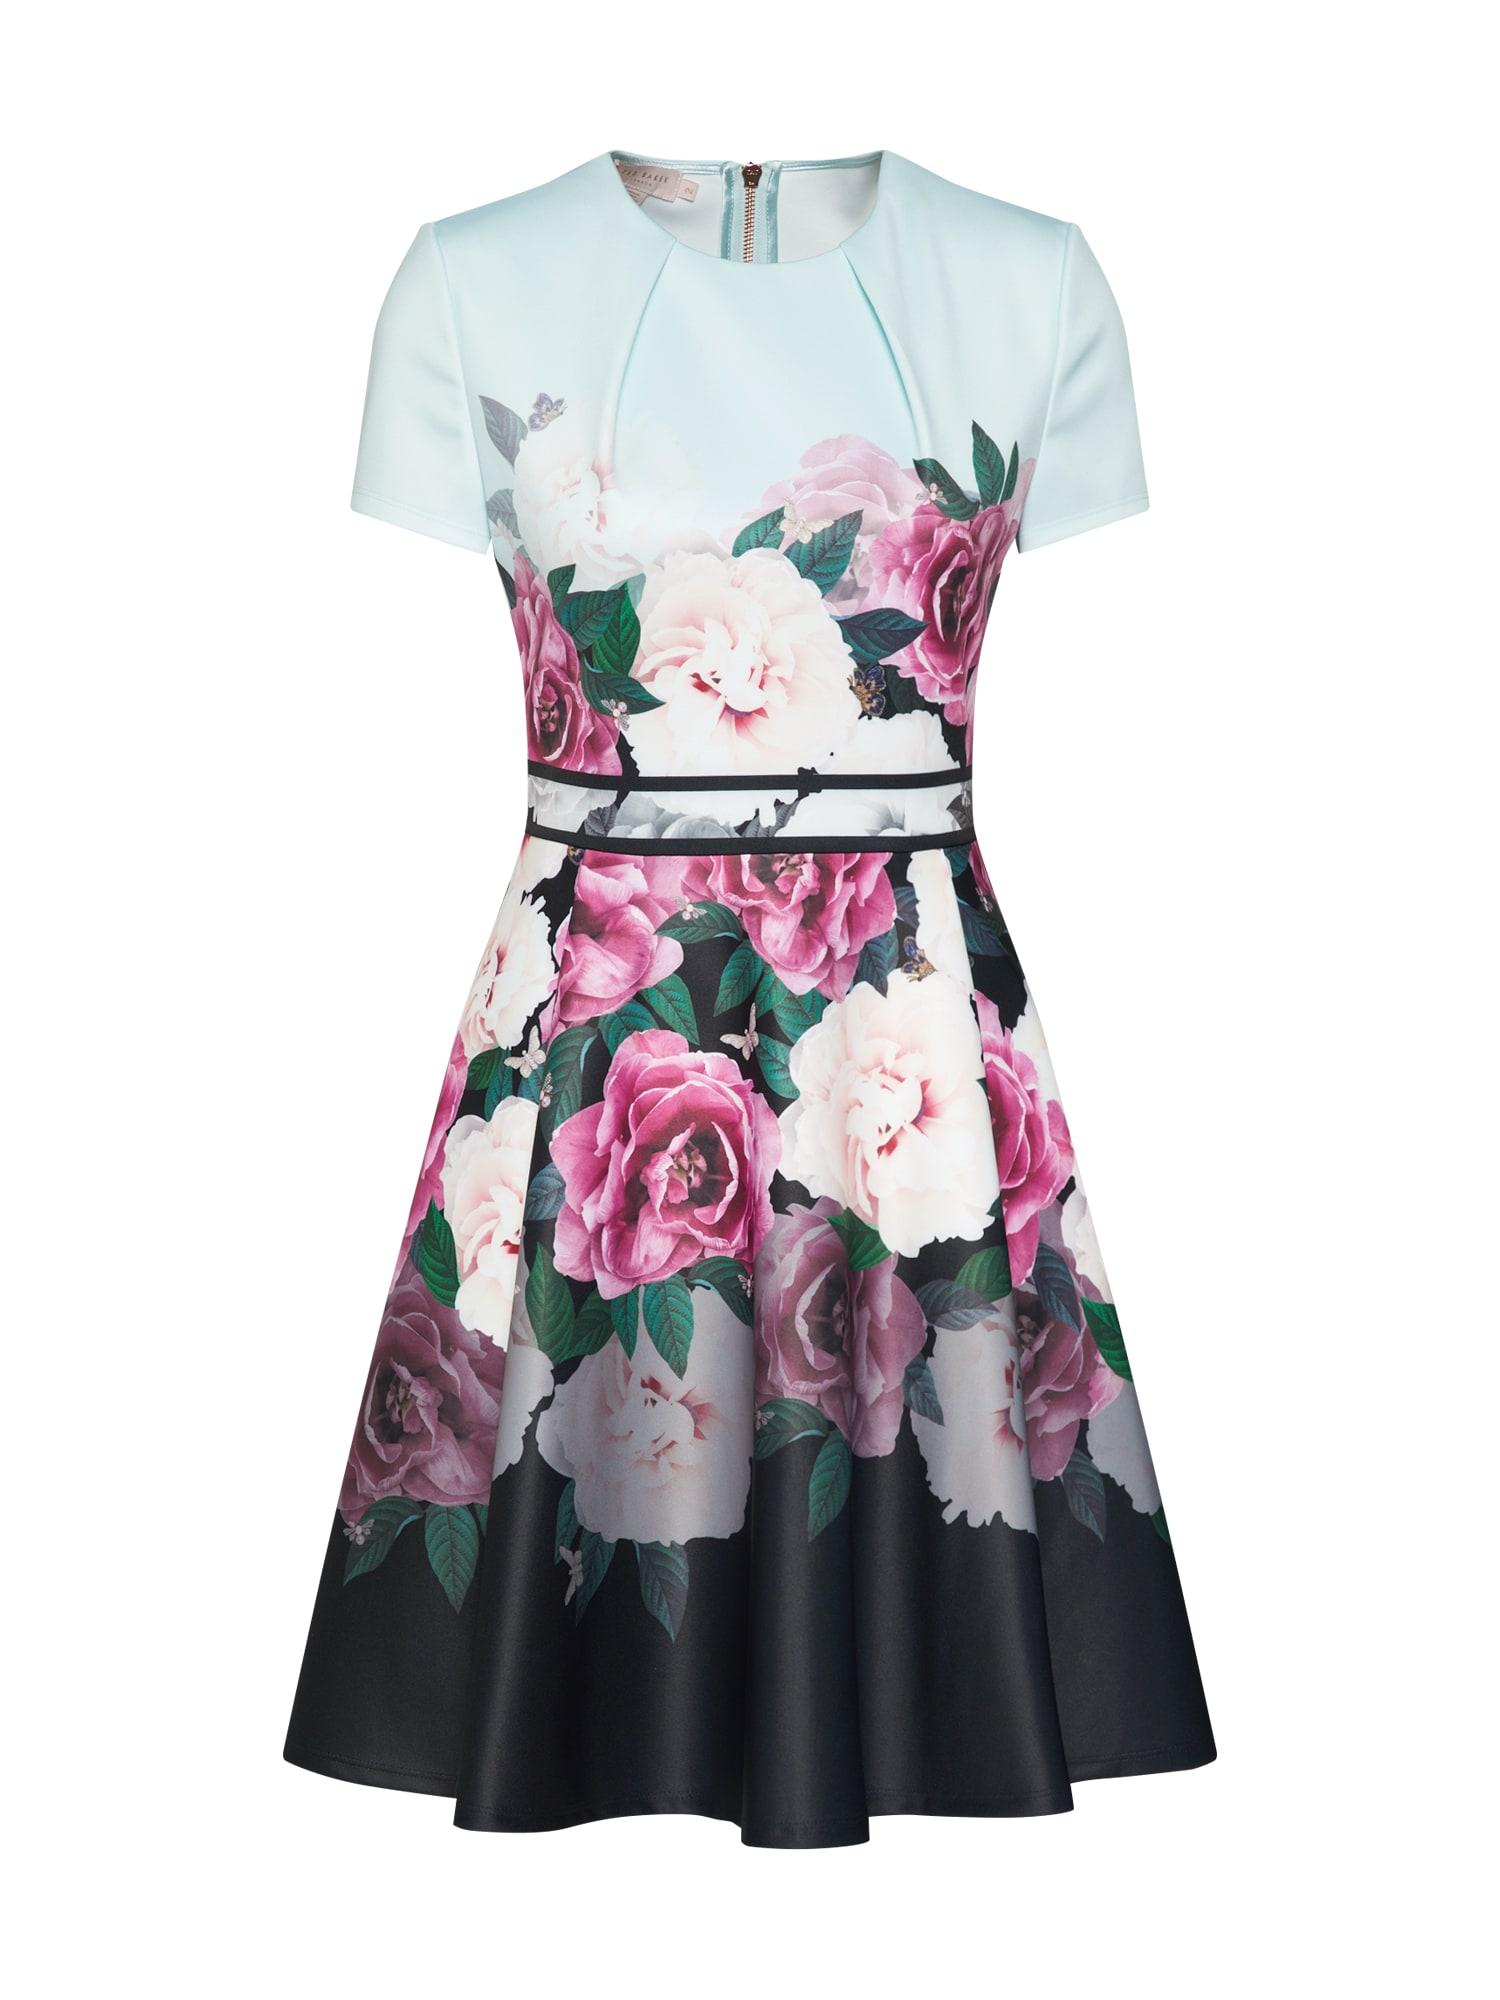 Koktejlové šaty WILMANA mátová růžová tmavě růžová Ted Baker